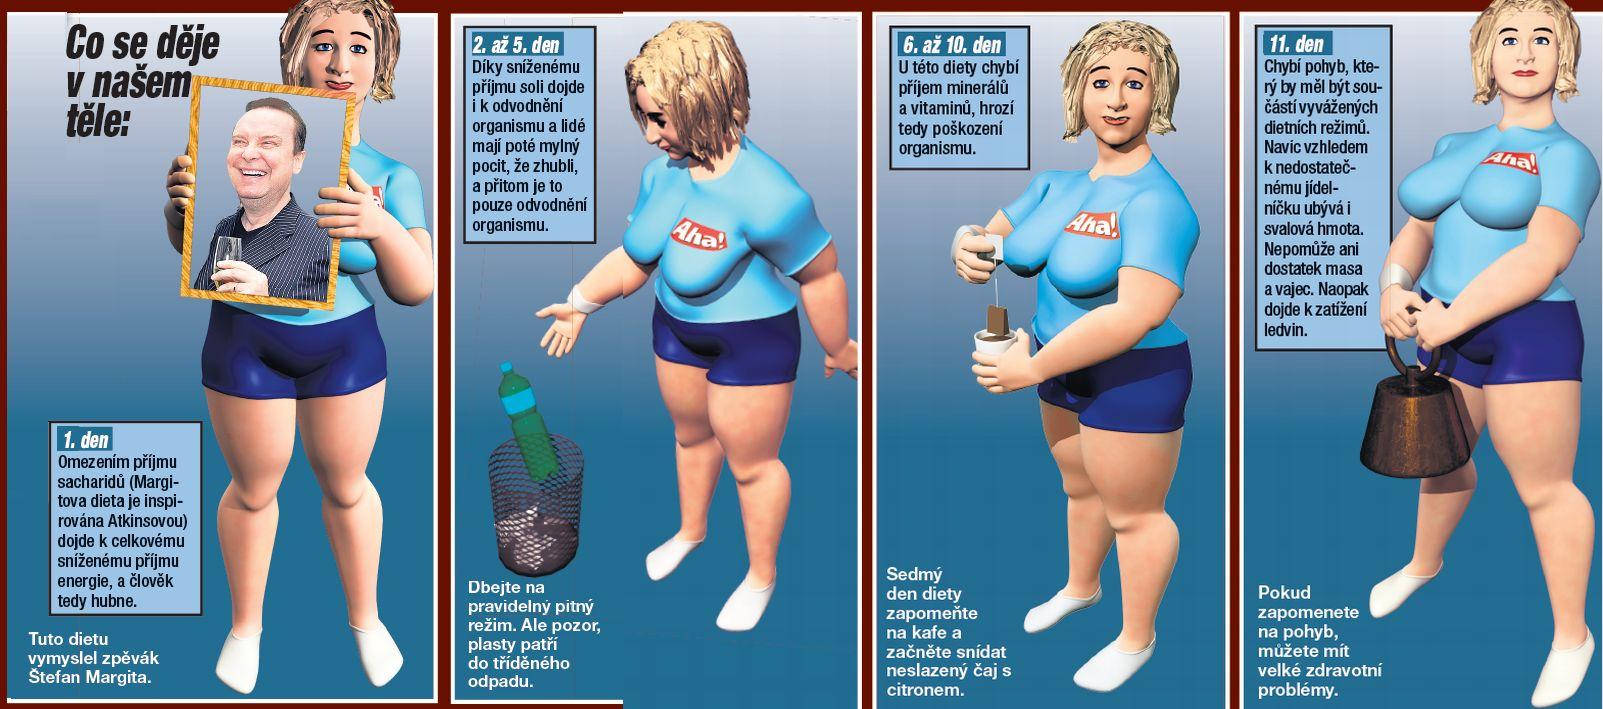 d13bf6a84a7 Dieta Štefana Margity - Zhubněte 10 kilo za 14 dní